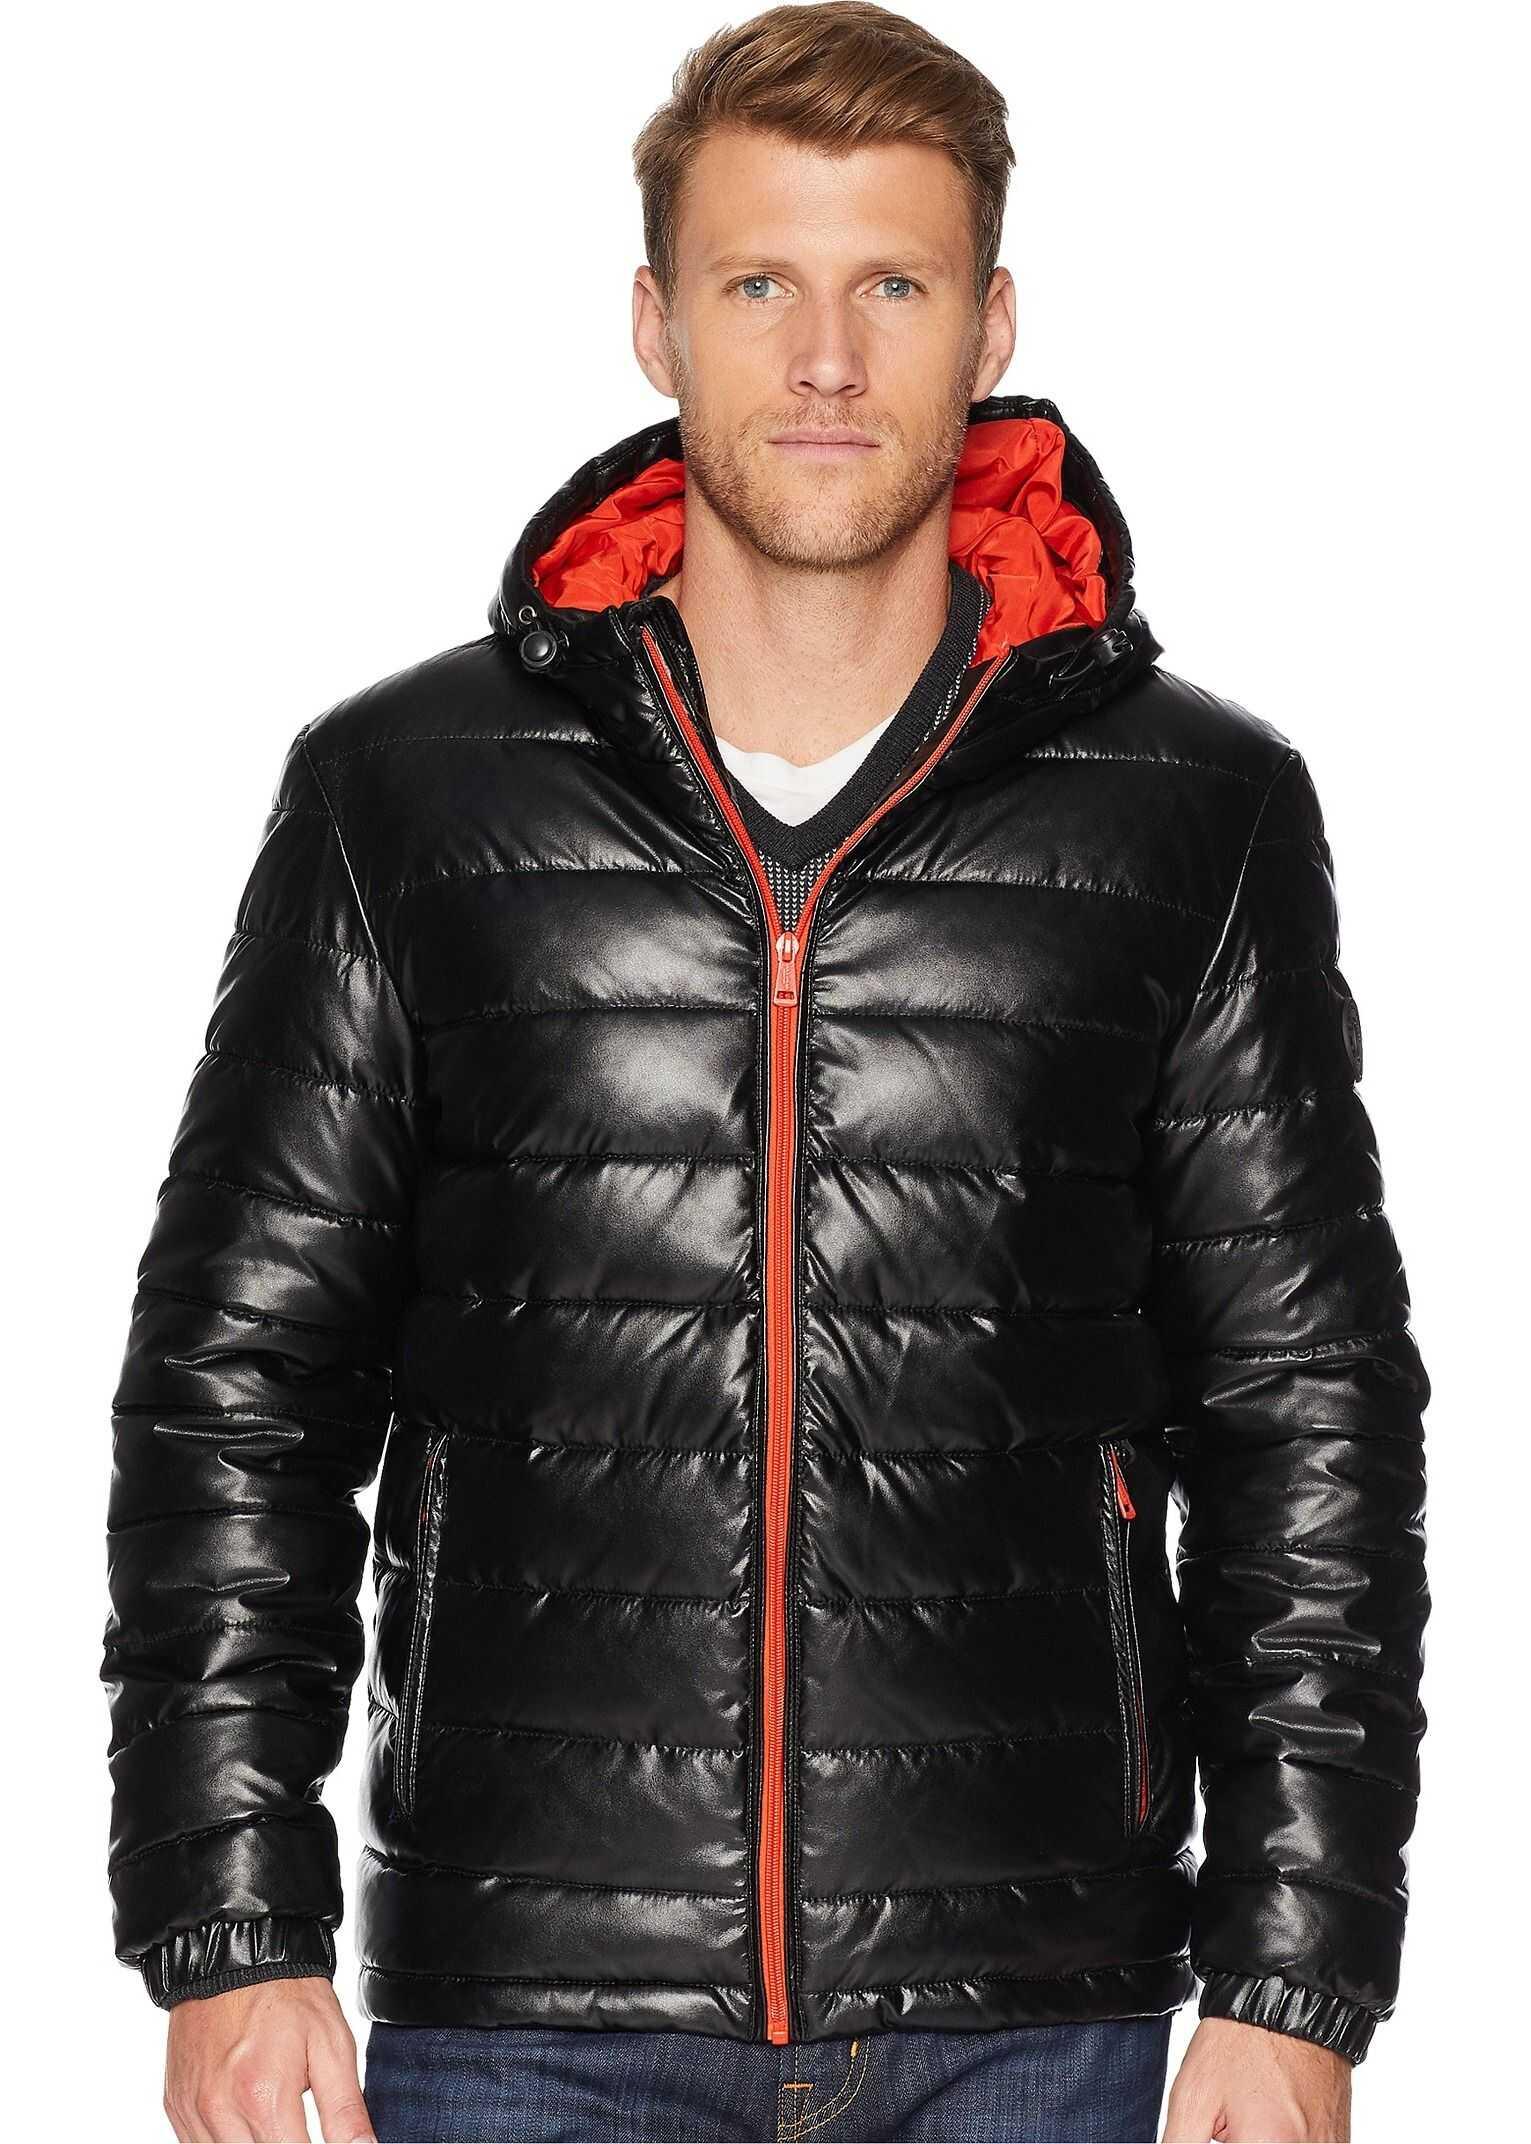 Cole Haan Faux Leather Faux Down Jacket Black/Orange